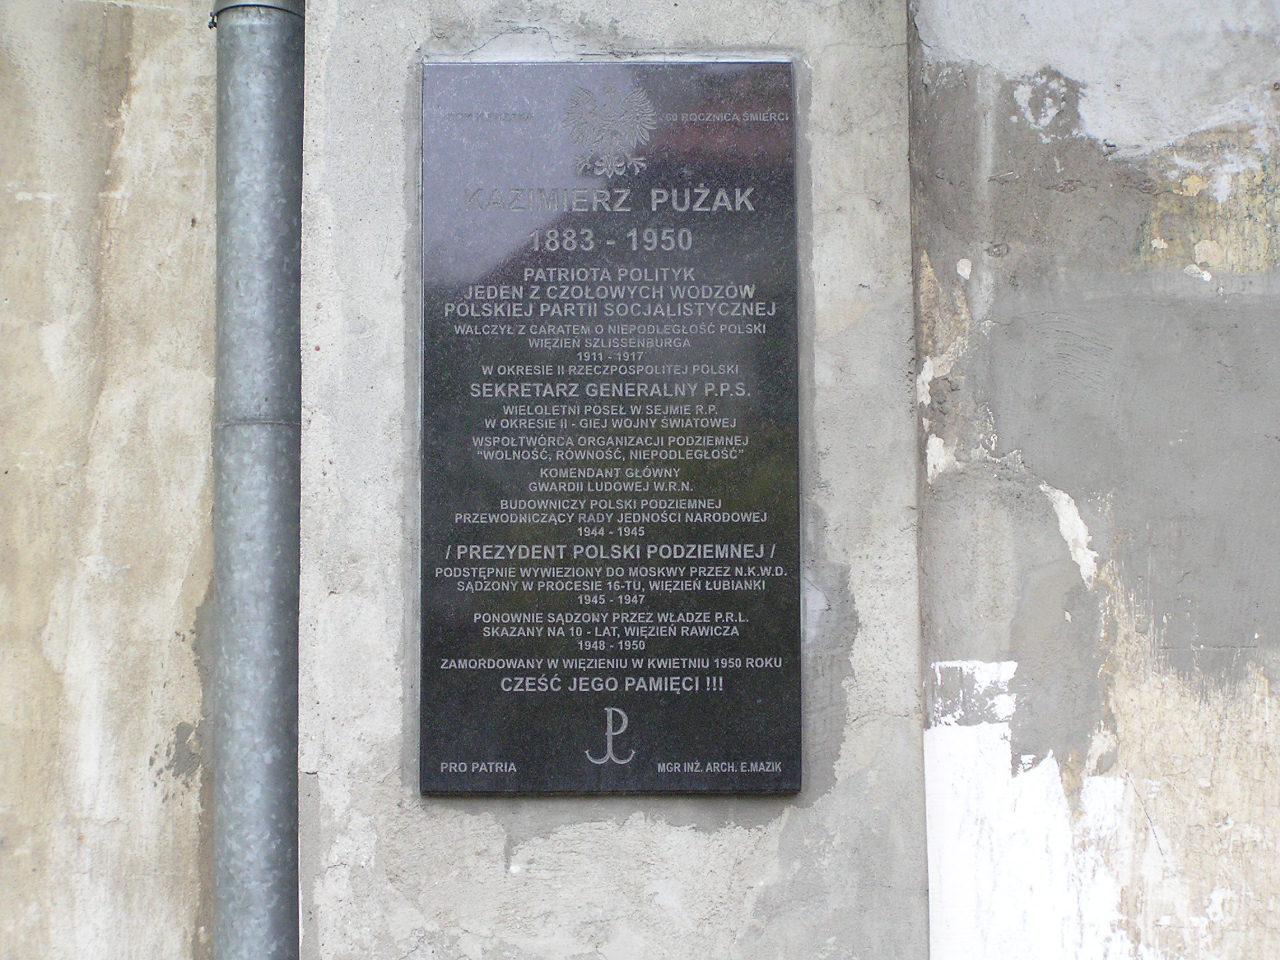 Tablica pamięci Kazimierza Pużaka